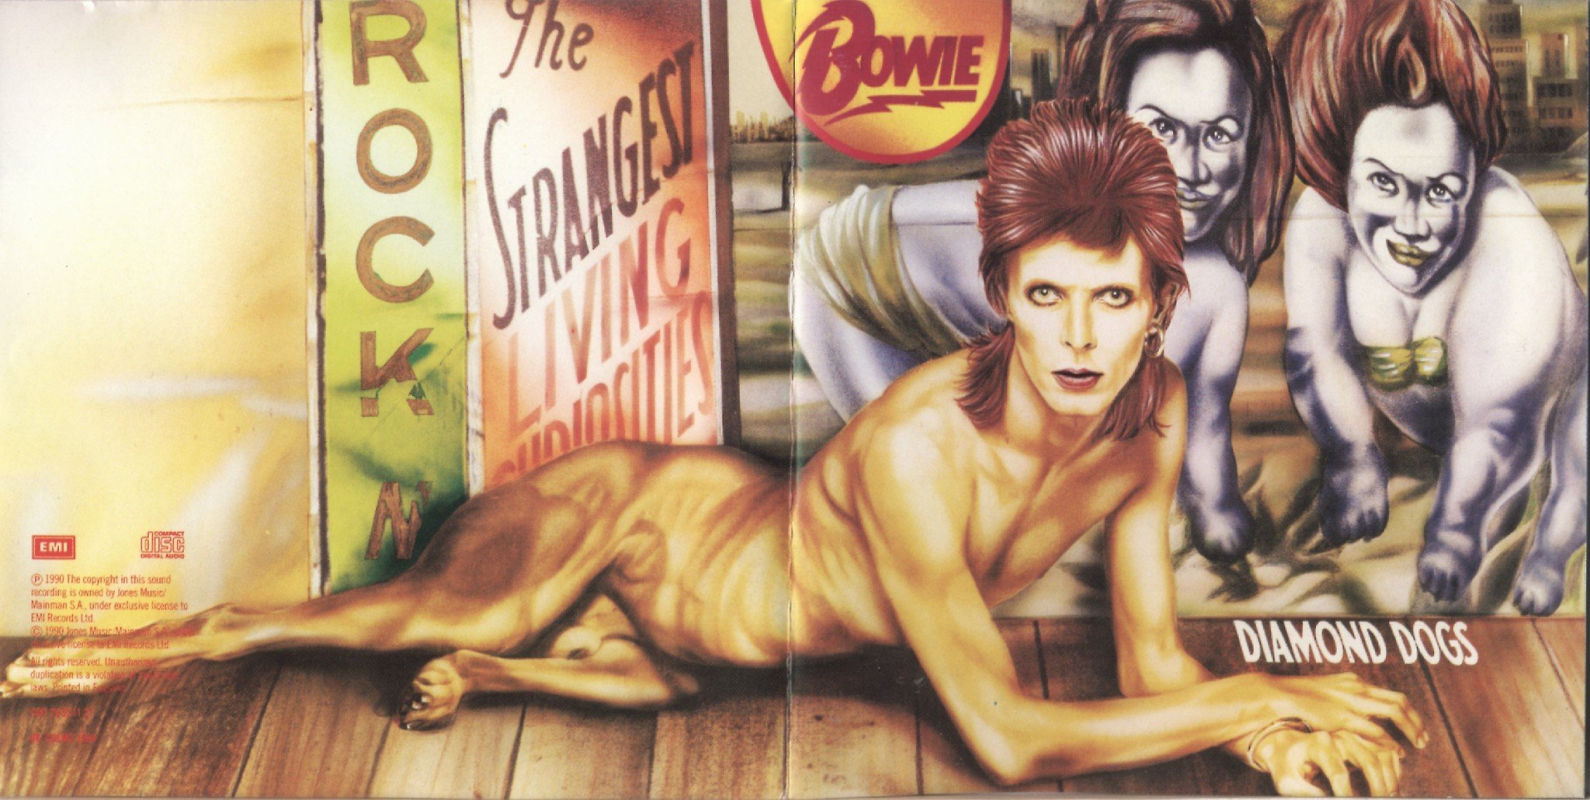 David Bowie - Diamond Dog: a mistura de pênis humano e canino na figura antropomórfica que representa o camaleão na capa de seu disco de 1974, obviamente, causou problemas. A pintura foi criada pelo belga Guy Peellaert, que teve seu trabalho modificado no relançamento do disco em CD já nos anos 90